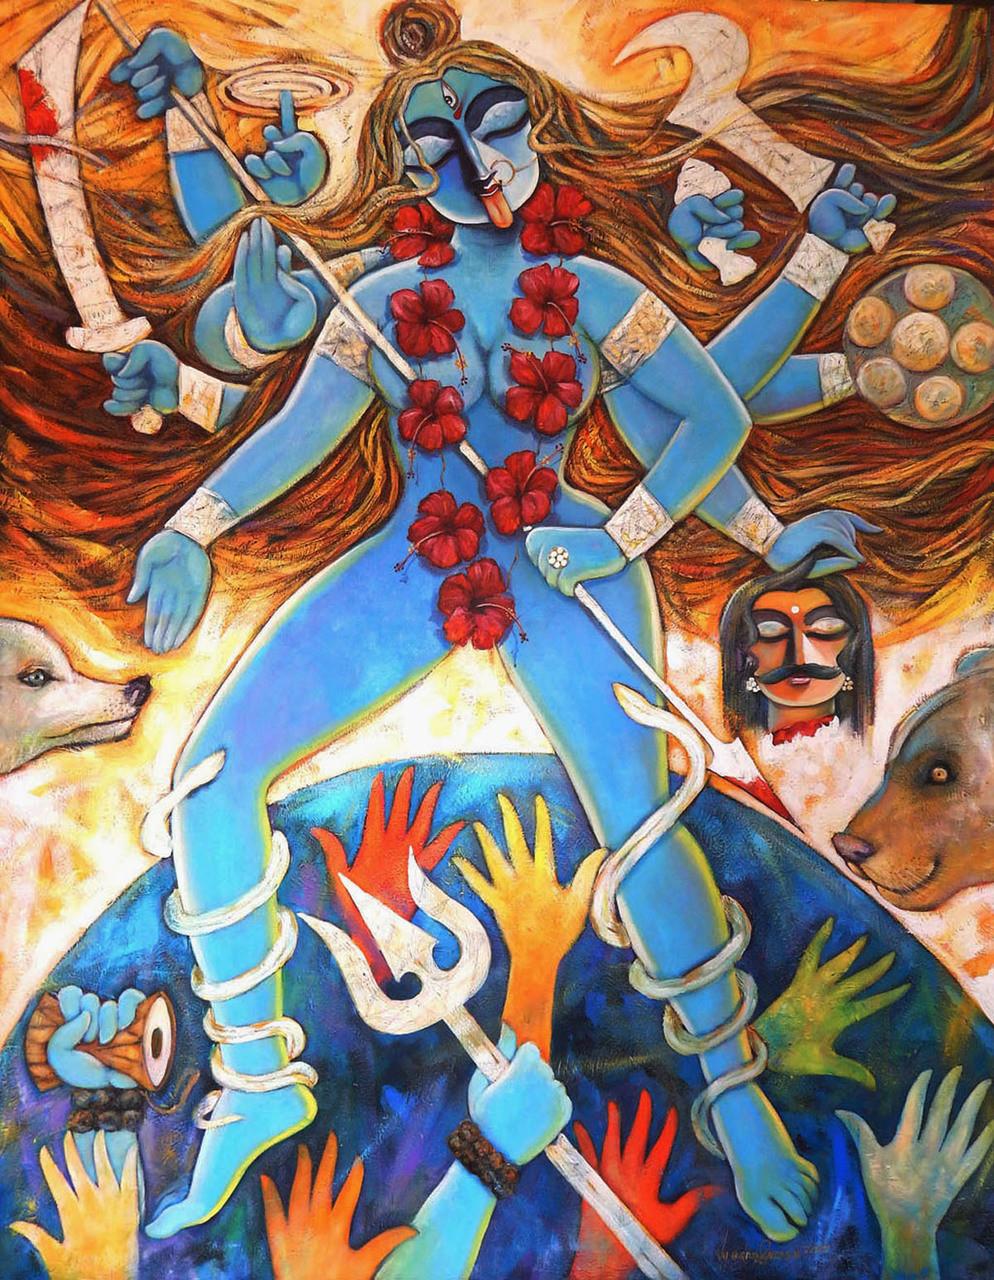 Jaganmoyee Art 1469 17851 Handpainted Art Painting 48in X 60in